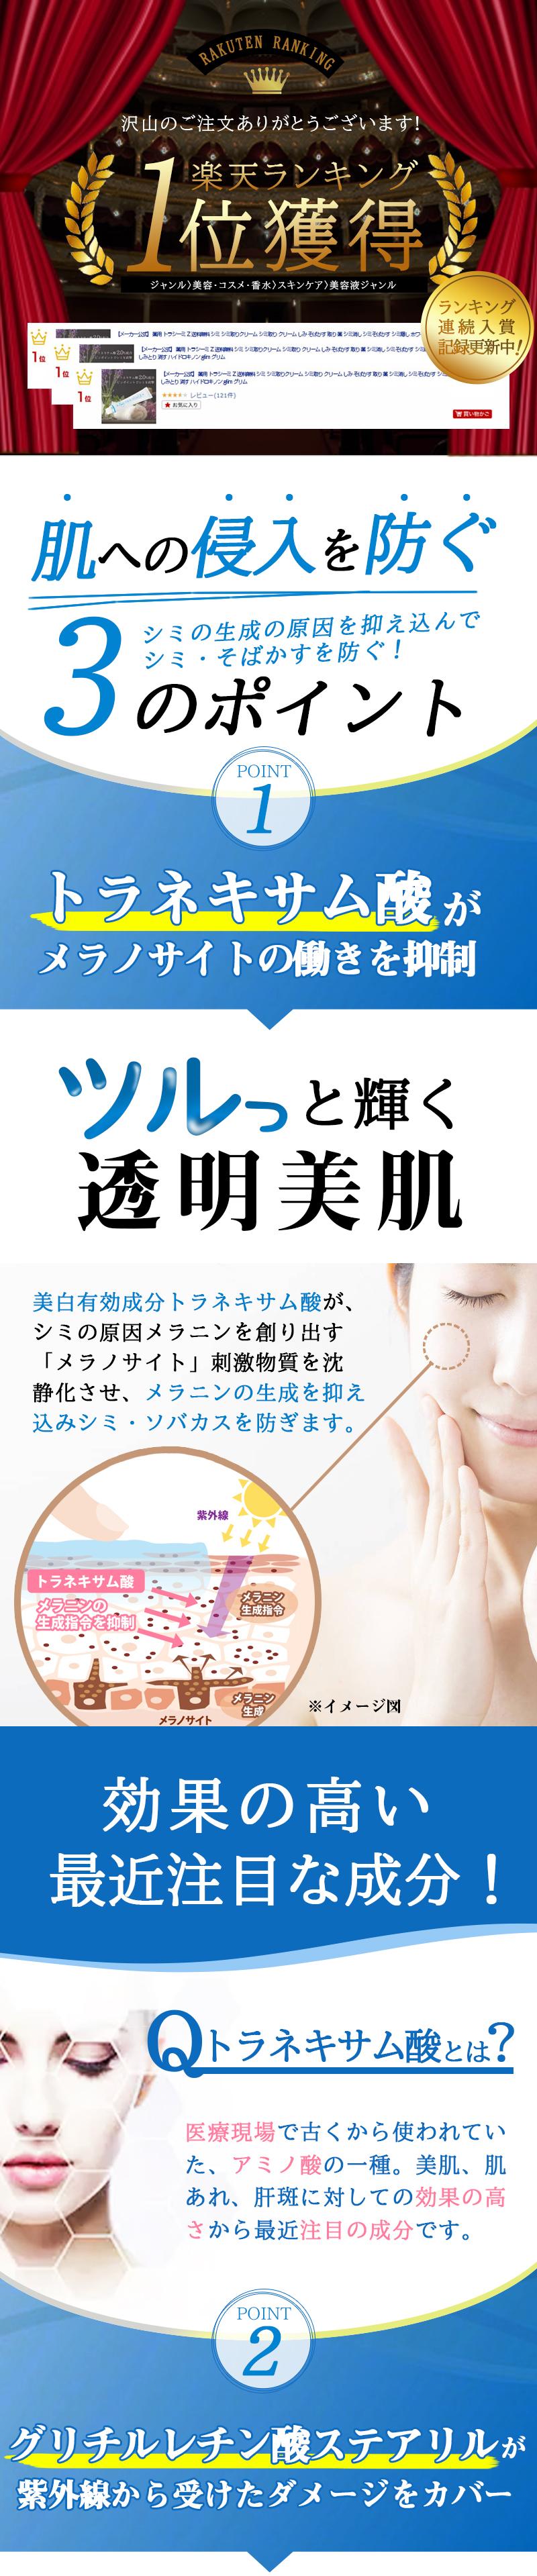 シミ生成の原因を抑え込んでシミ、そばかすを防ぐ3つのポイント。